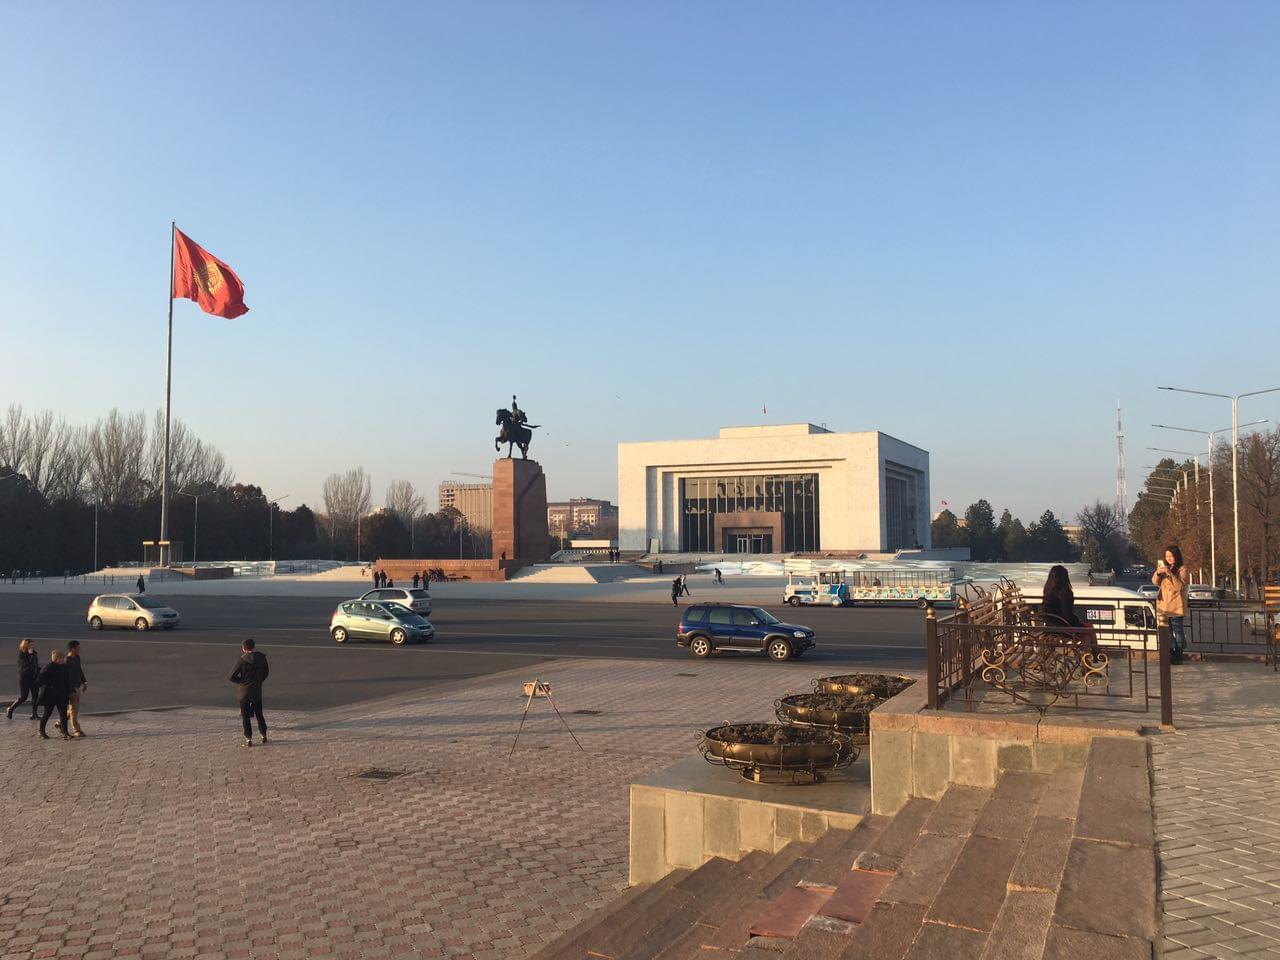 市中心广场,国旗下是英雄玛纳斯塑像和国家历史博物馆